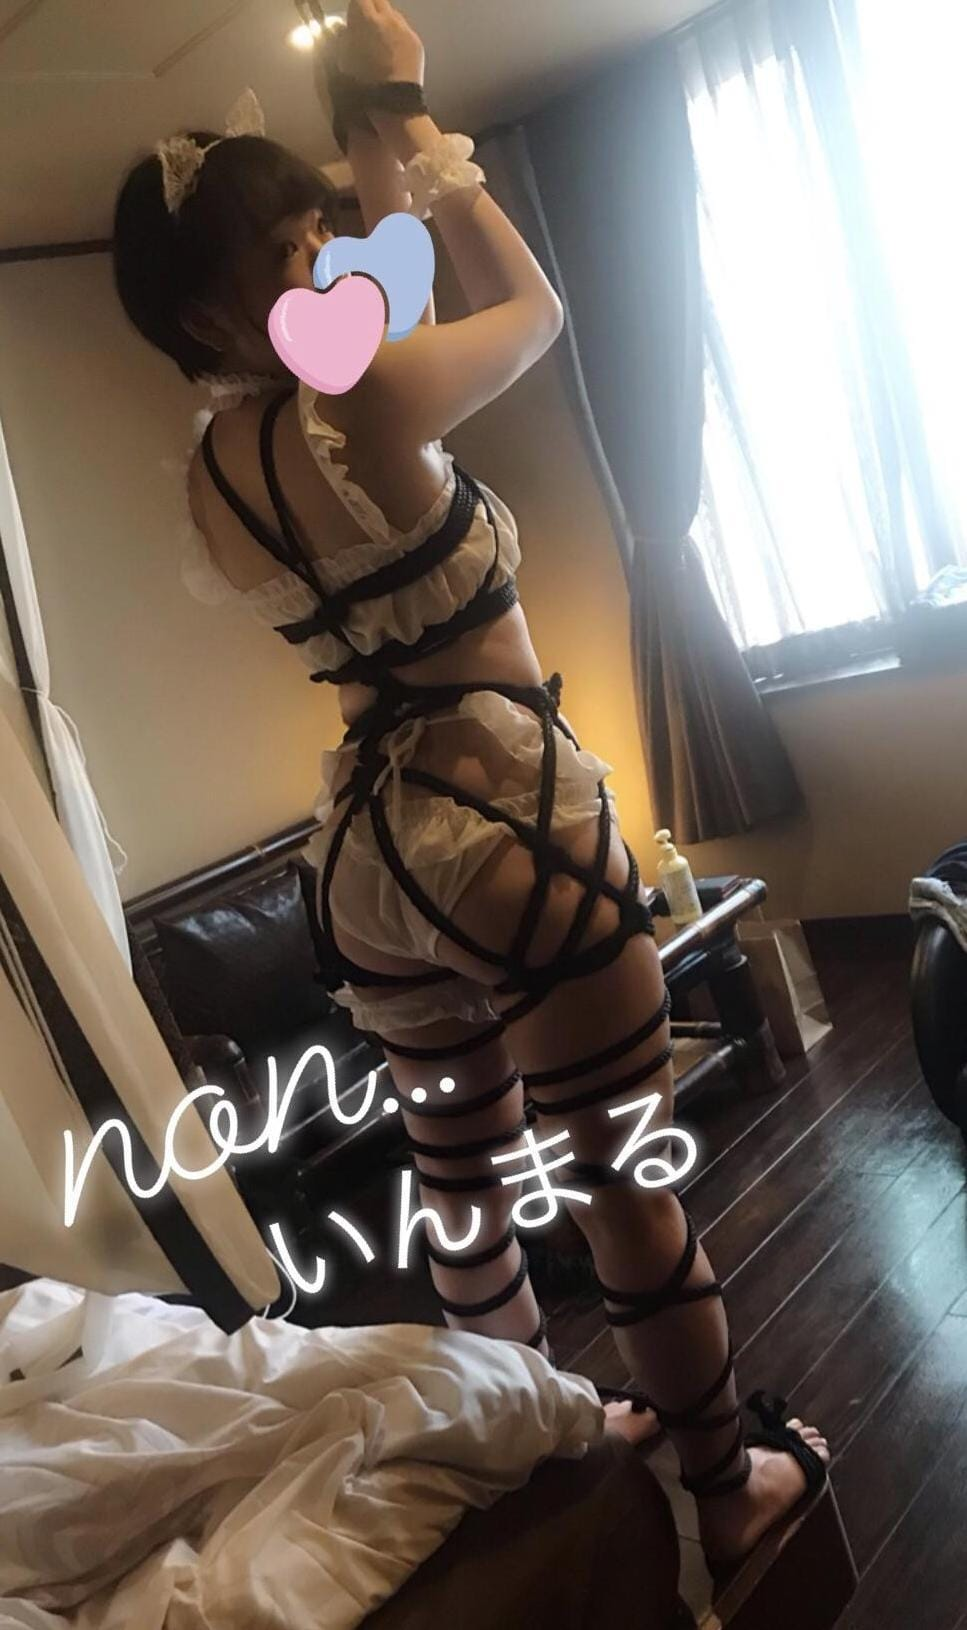 「次回出勤(^ν^??今週??」03/20(水) 17:05 | 源のんの写メ・風俗動画